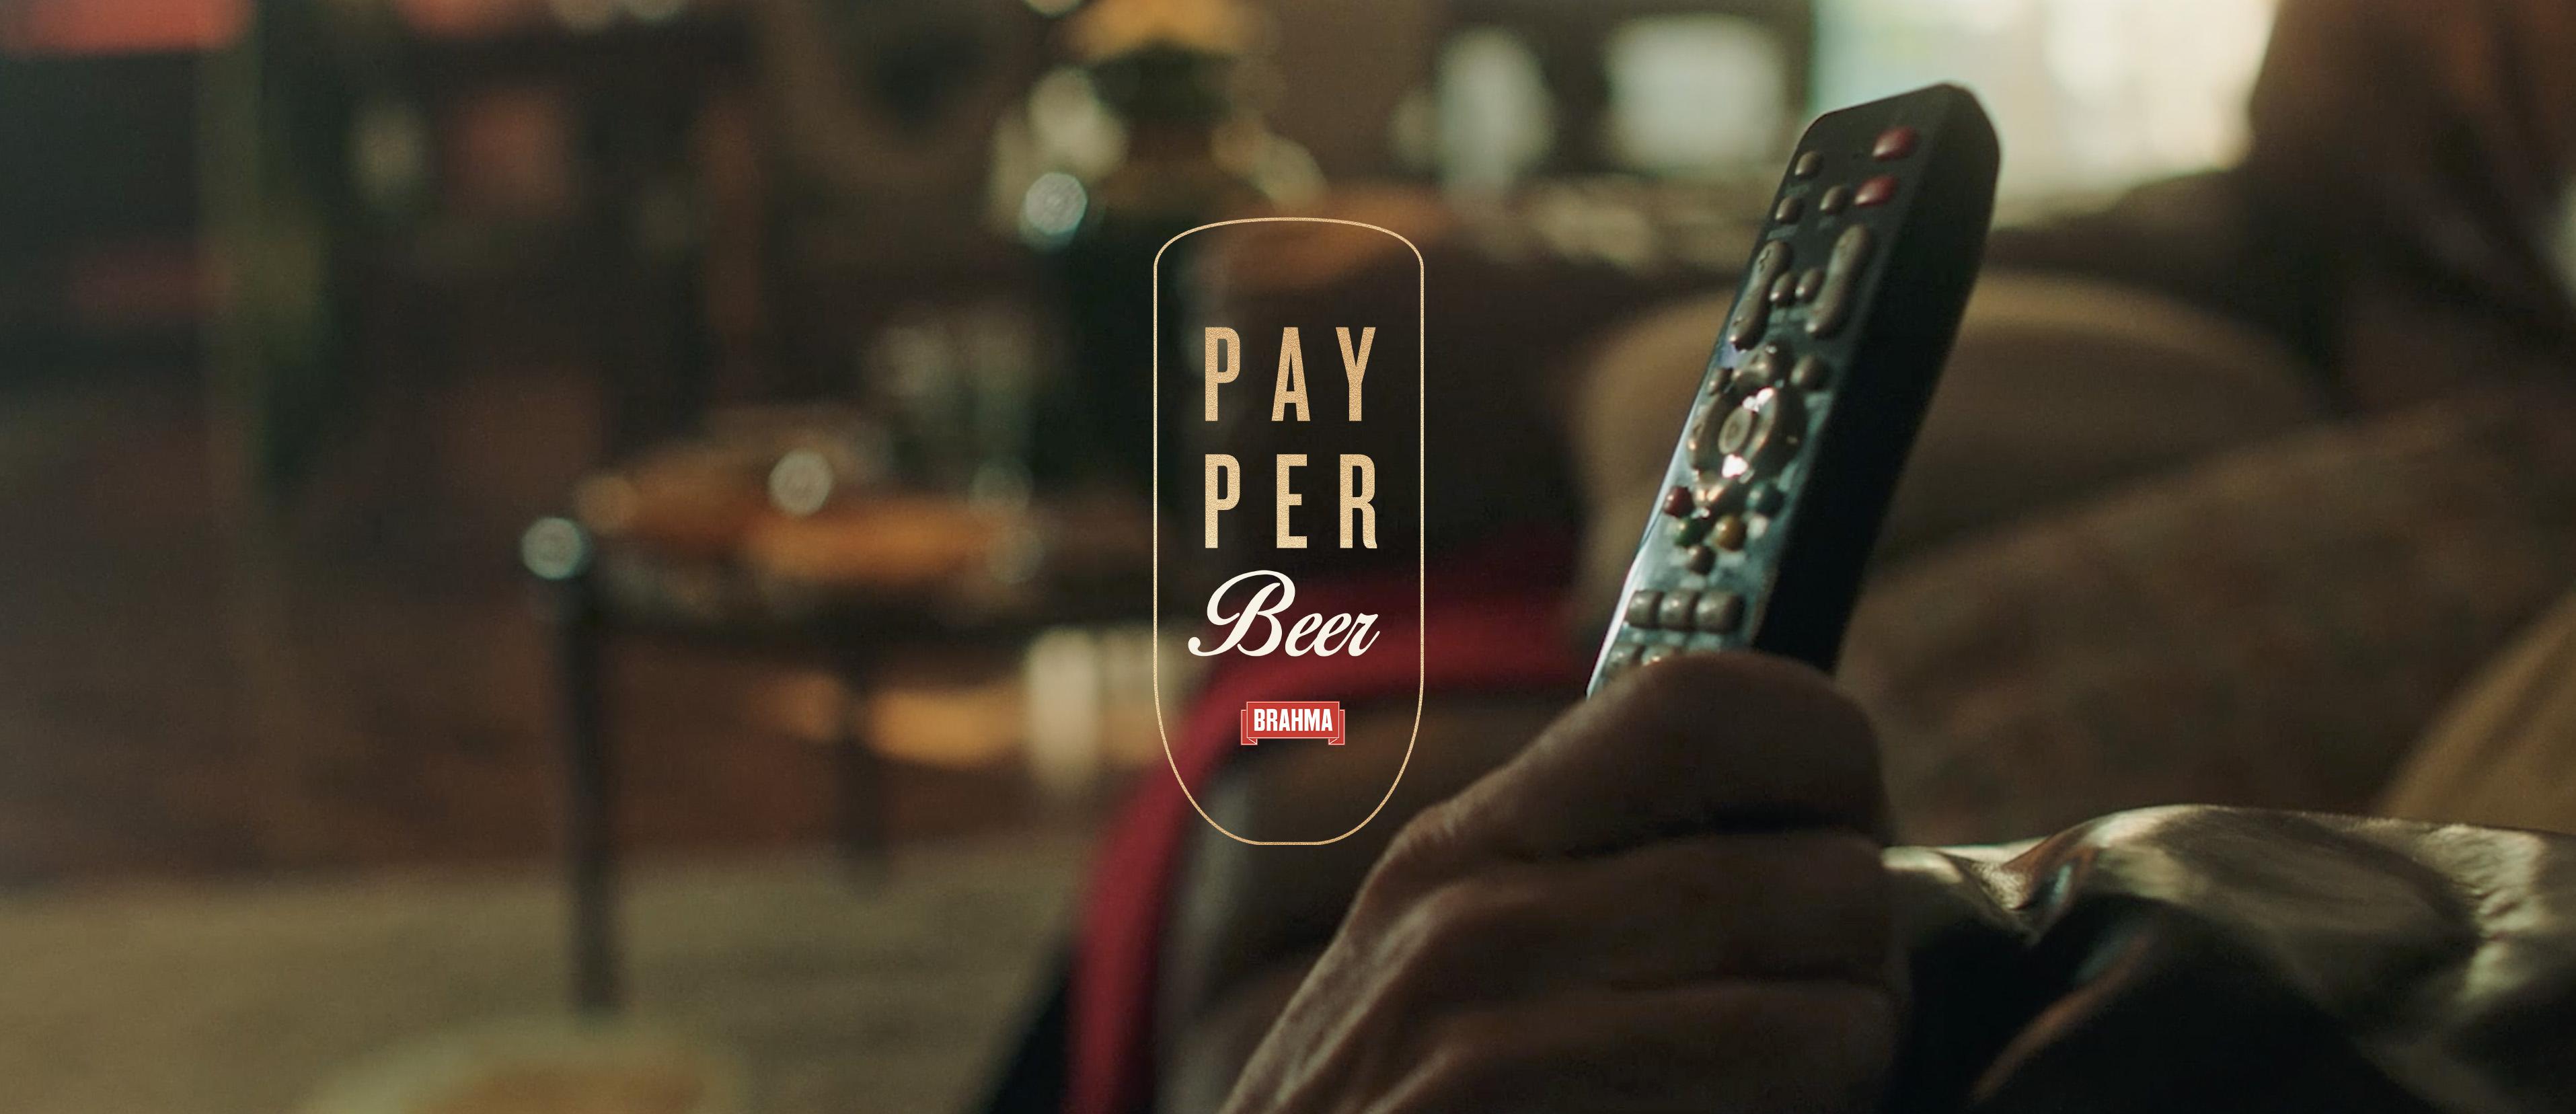 Pay Per Beer – Brahma Brewery